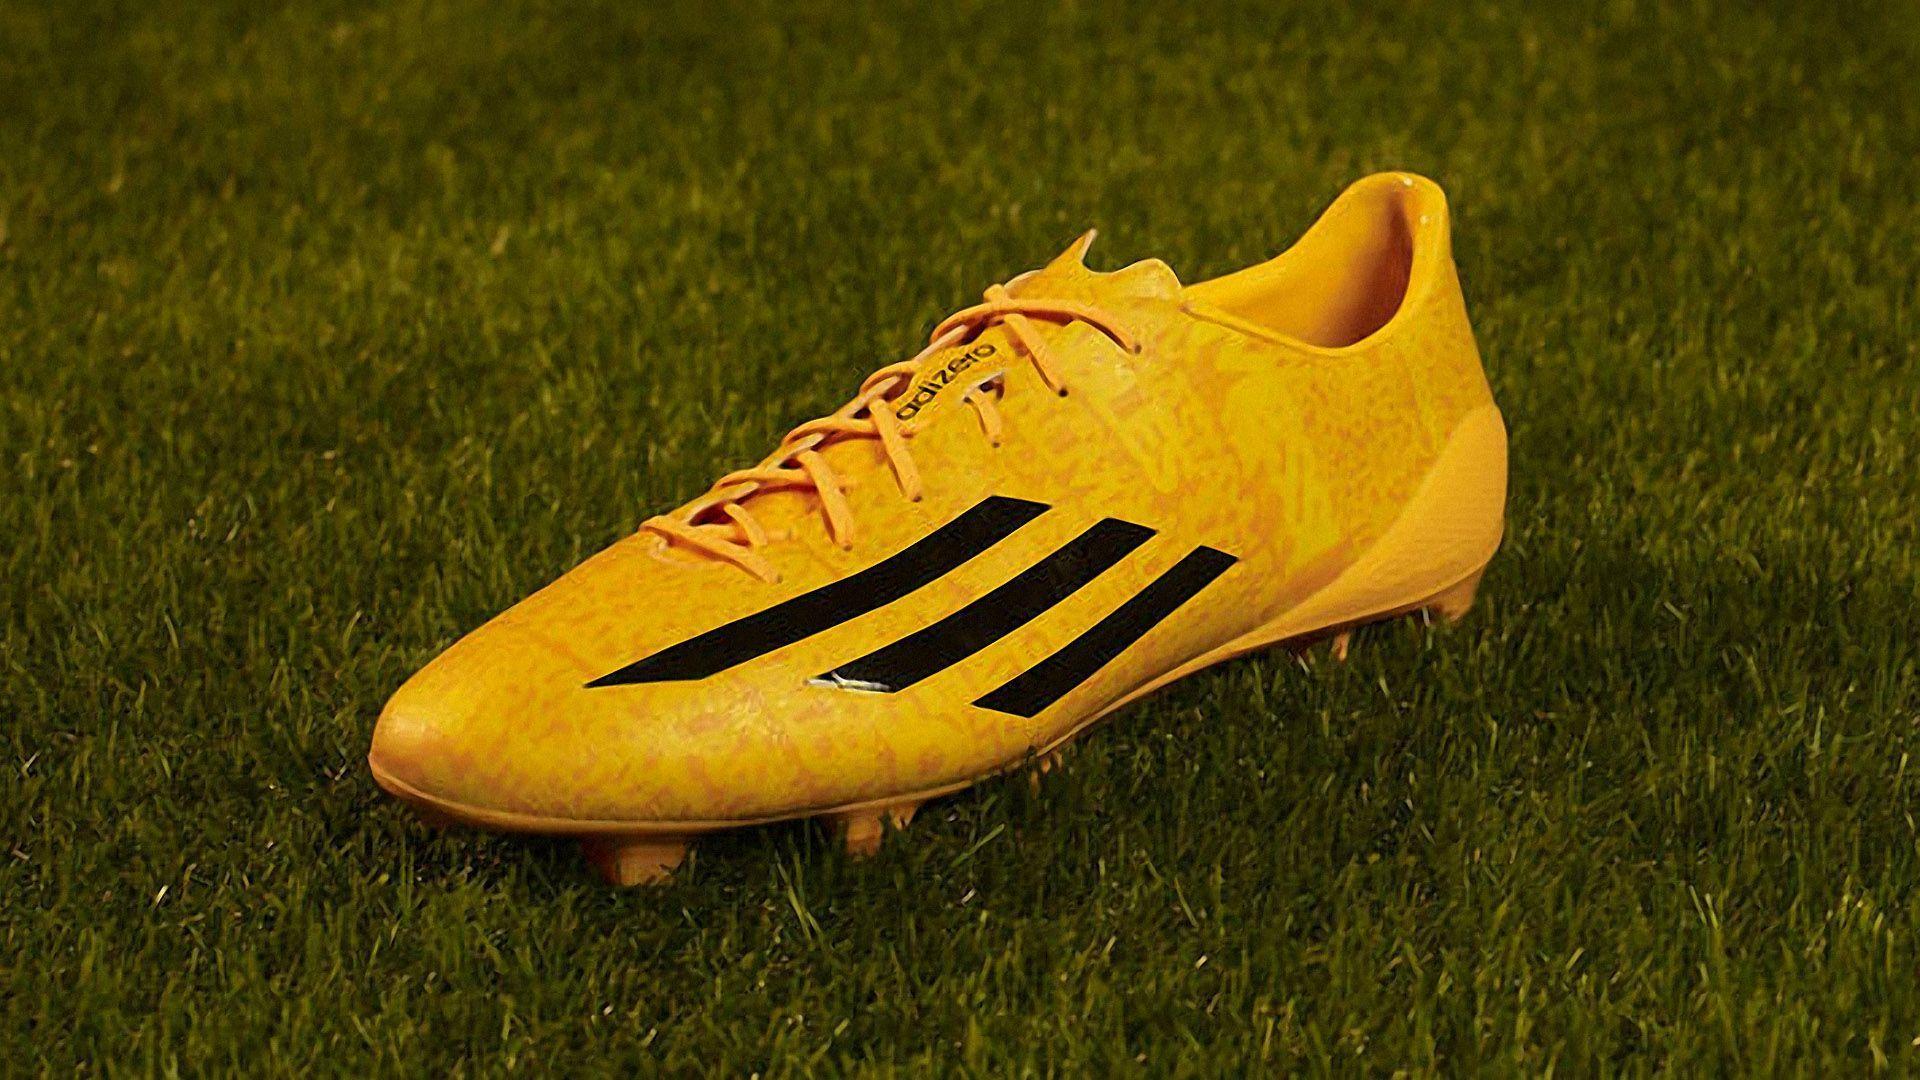 Adidas Wallpaper 2015 Wallpapersafari Adidas Boots Gold Adidas Nike Soccer